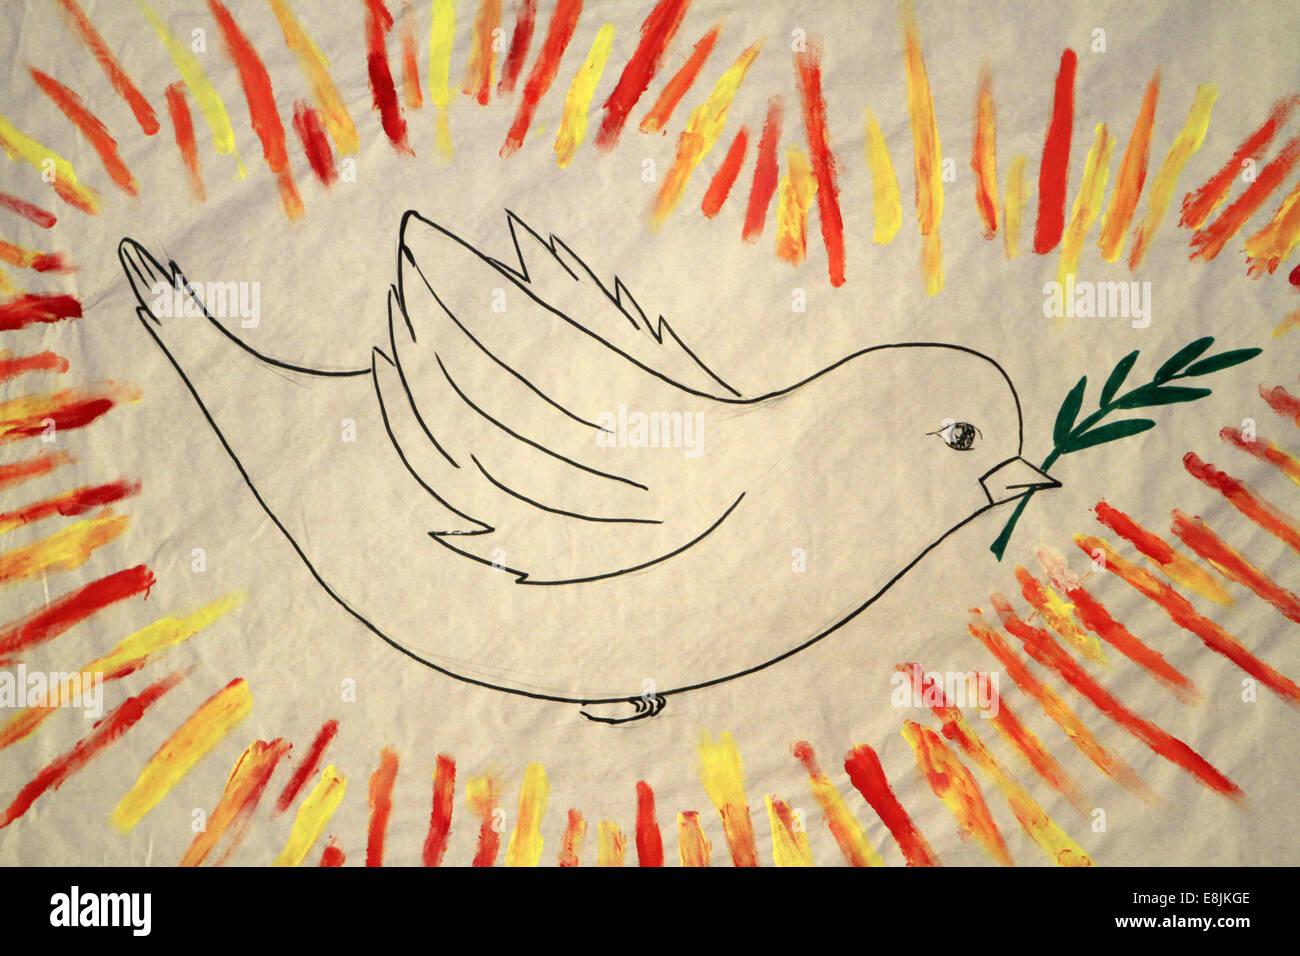 Dibujo de la paloma de la paz. Imagen De Stock